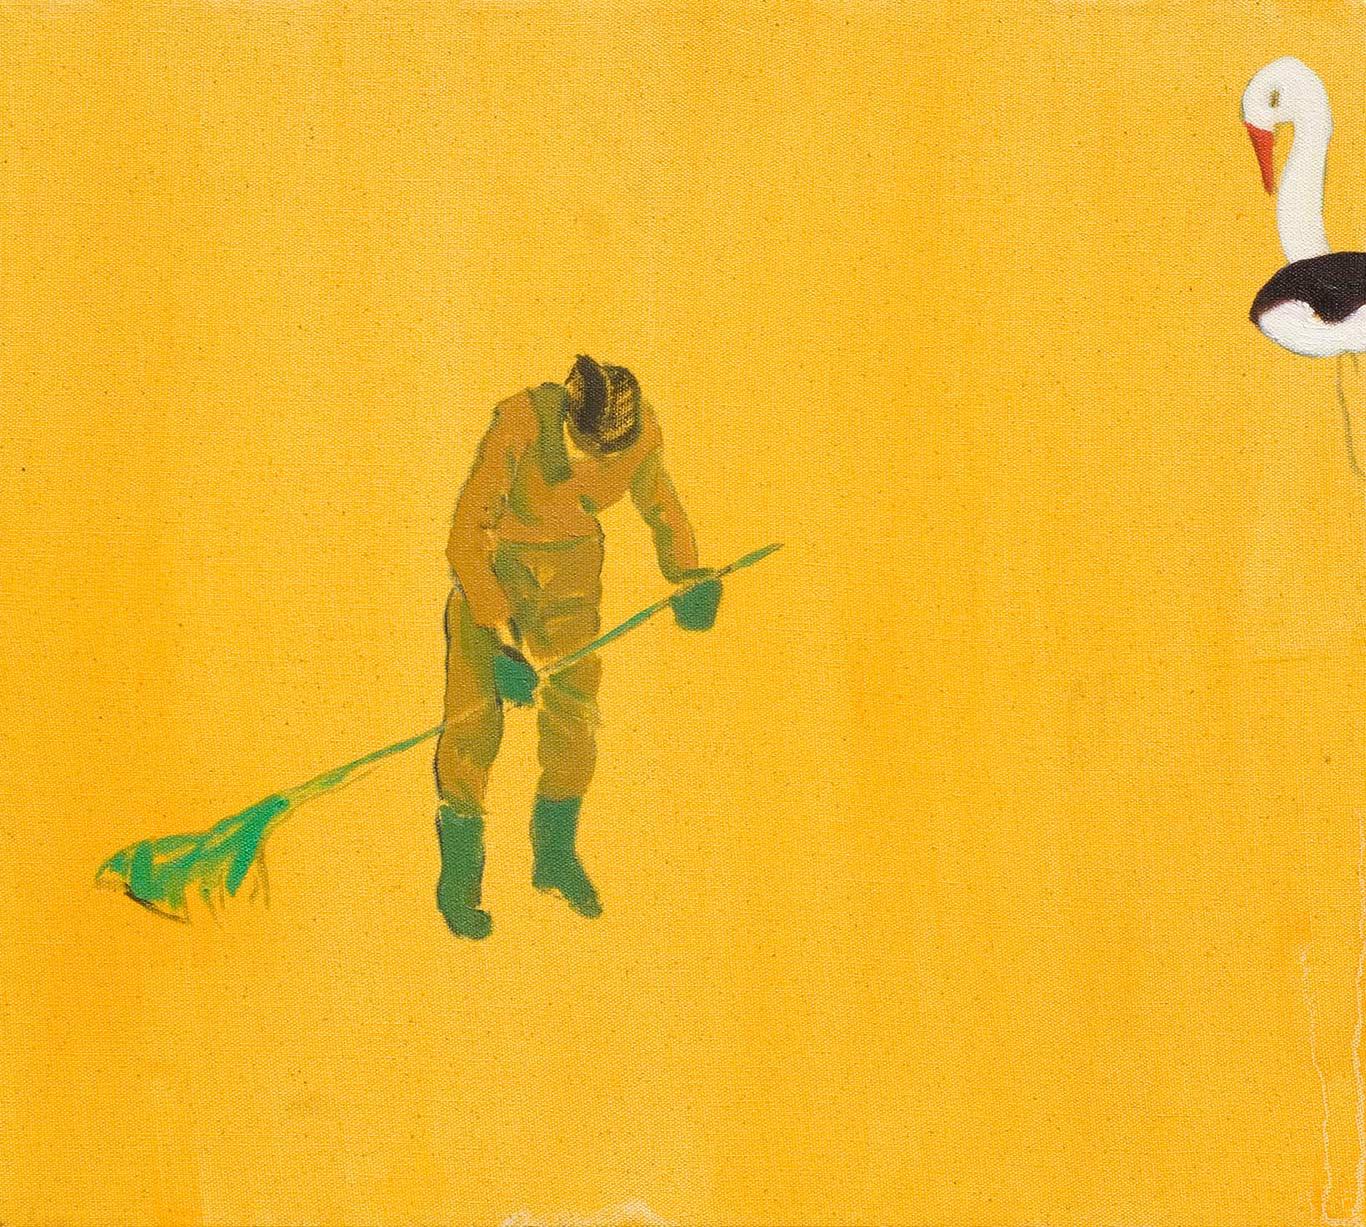 Yellow Rower | 2007